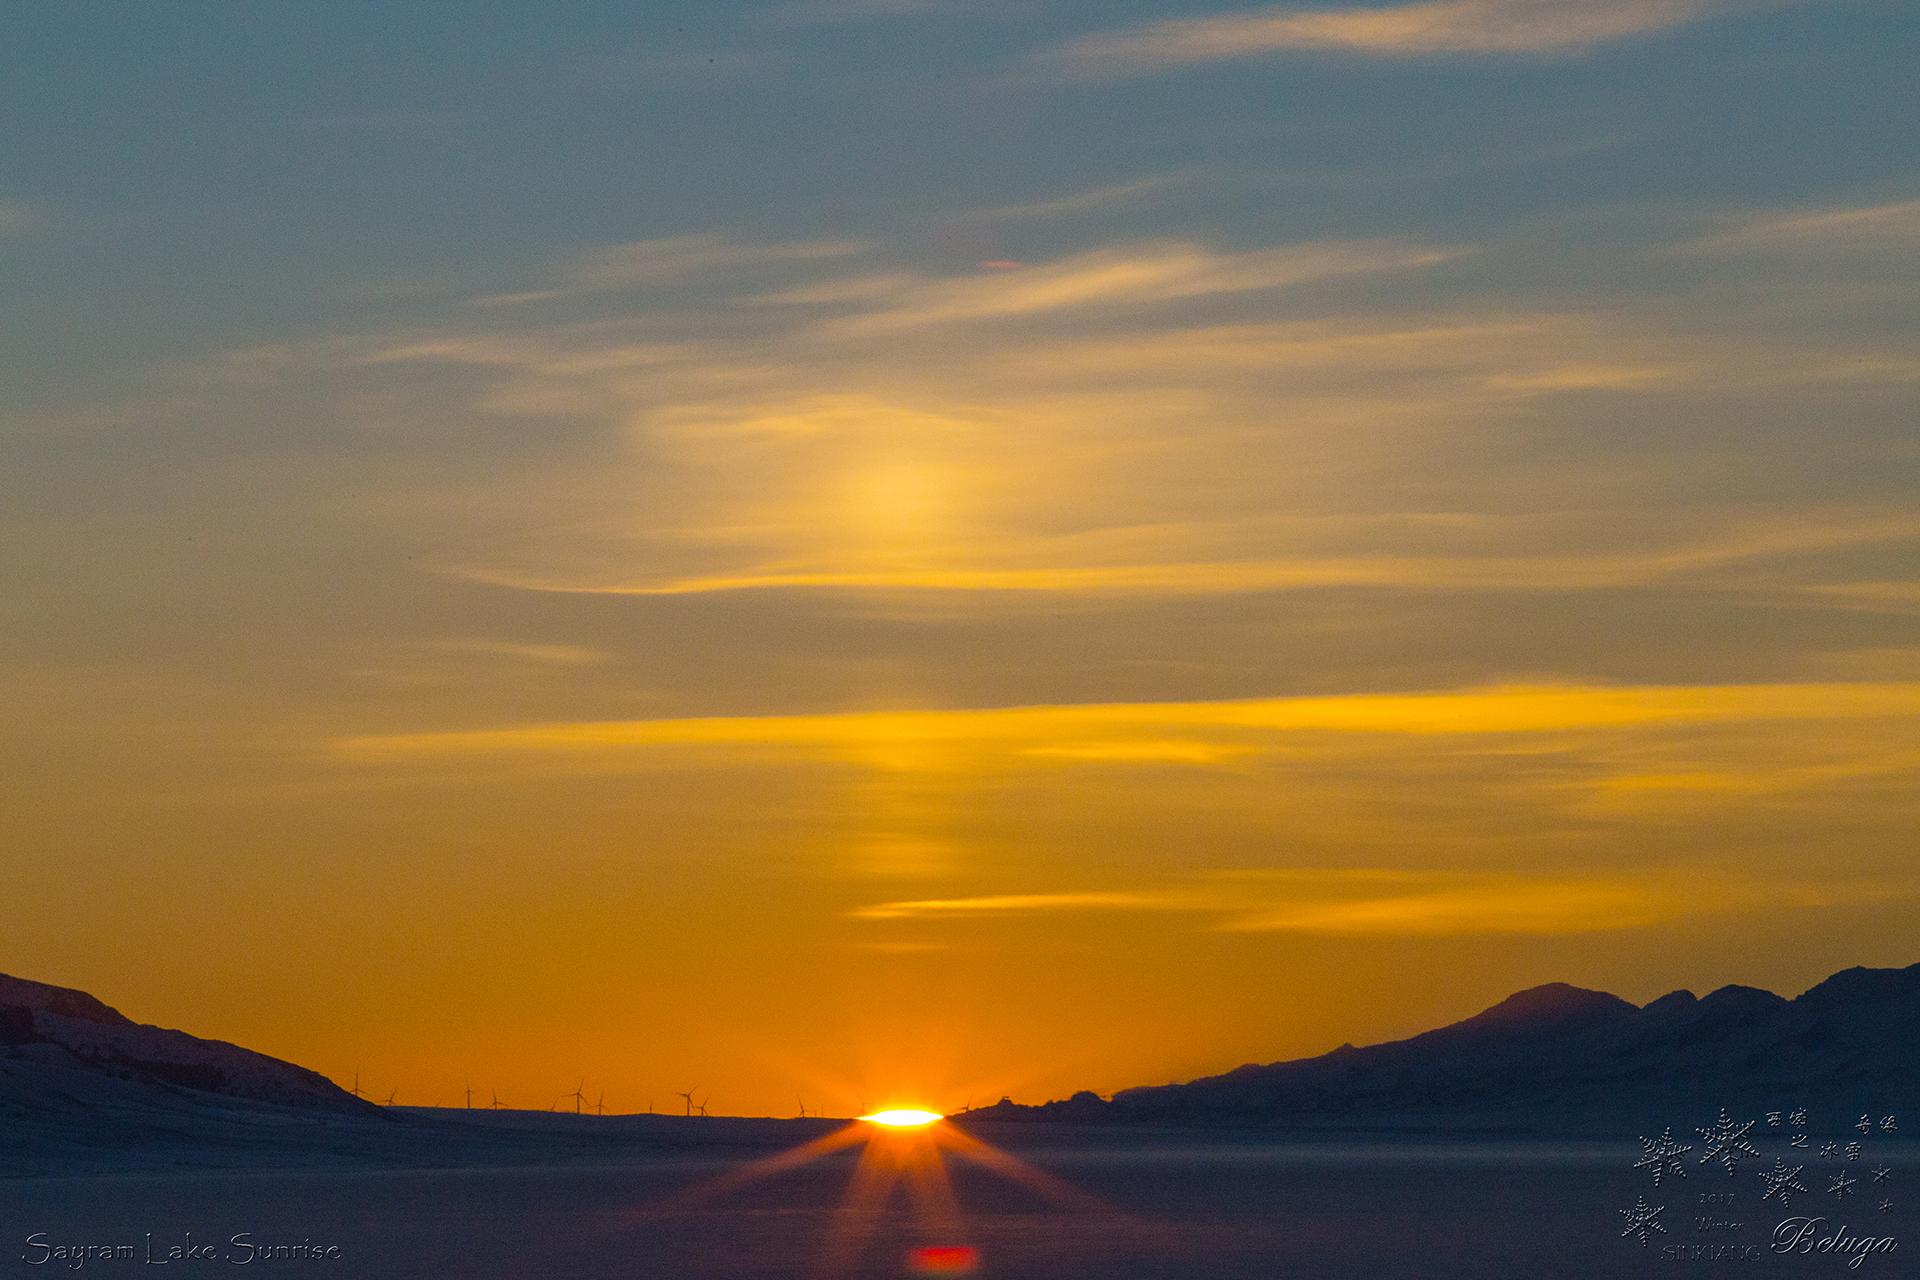 3.Sayram Lake Sunrise_1920.jpg